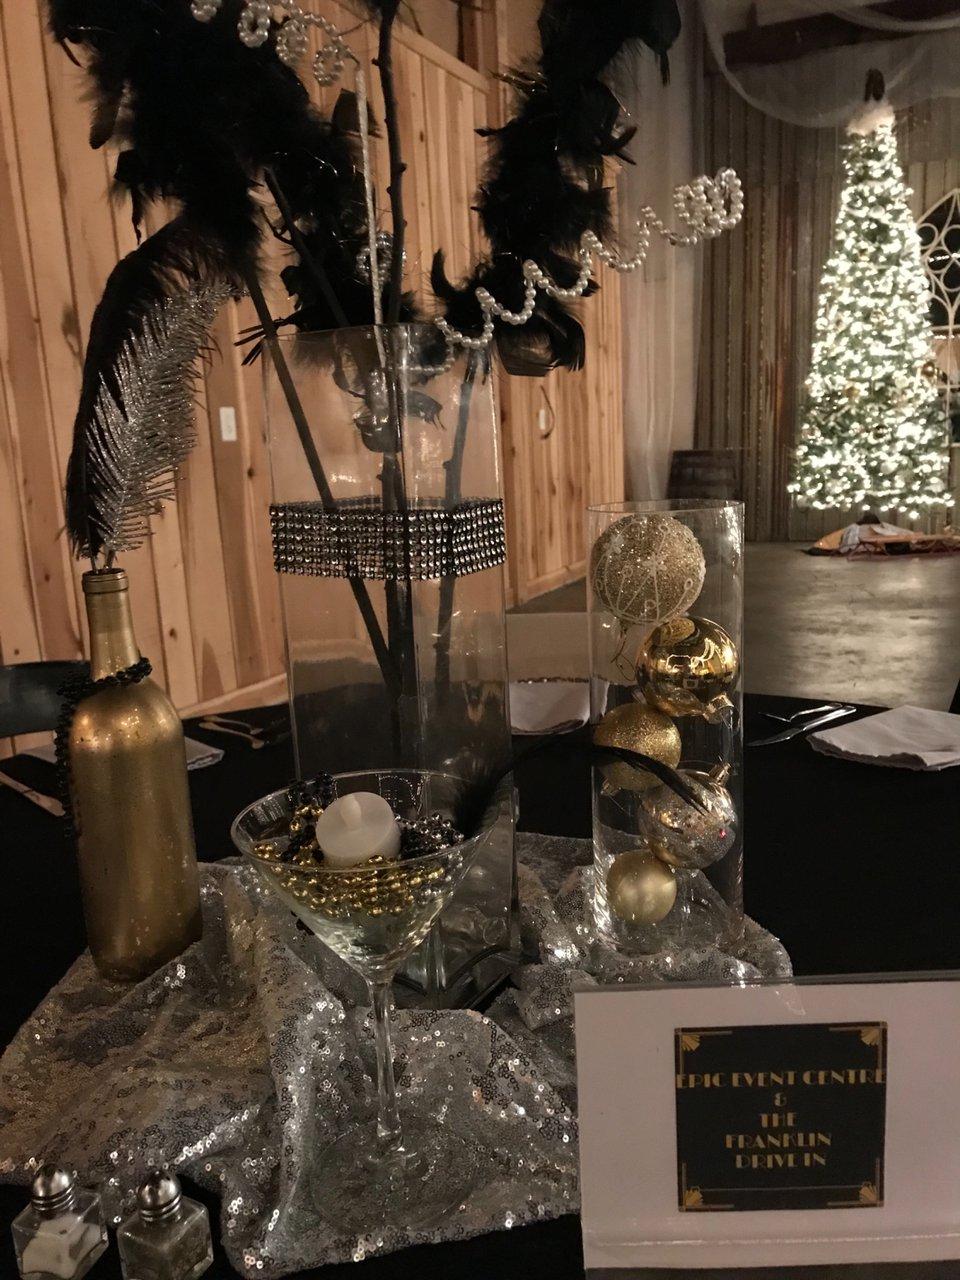 The Small Business Christmas Party photo A1DE2B70-708E-4440-8112-508B16C2C89E.jpg